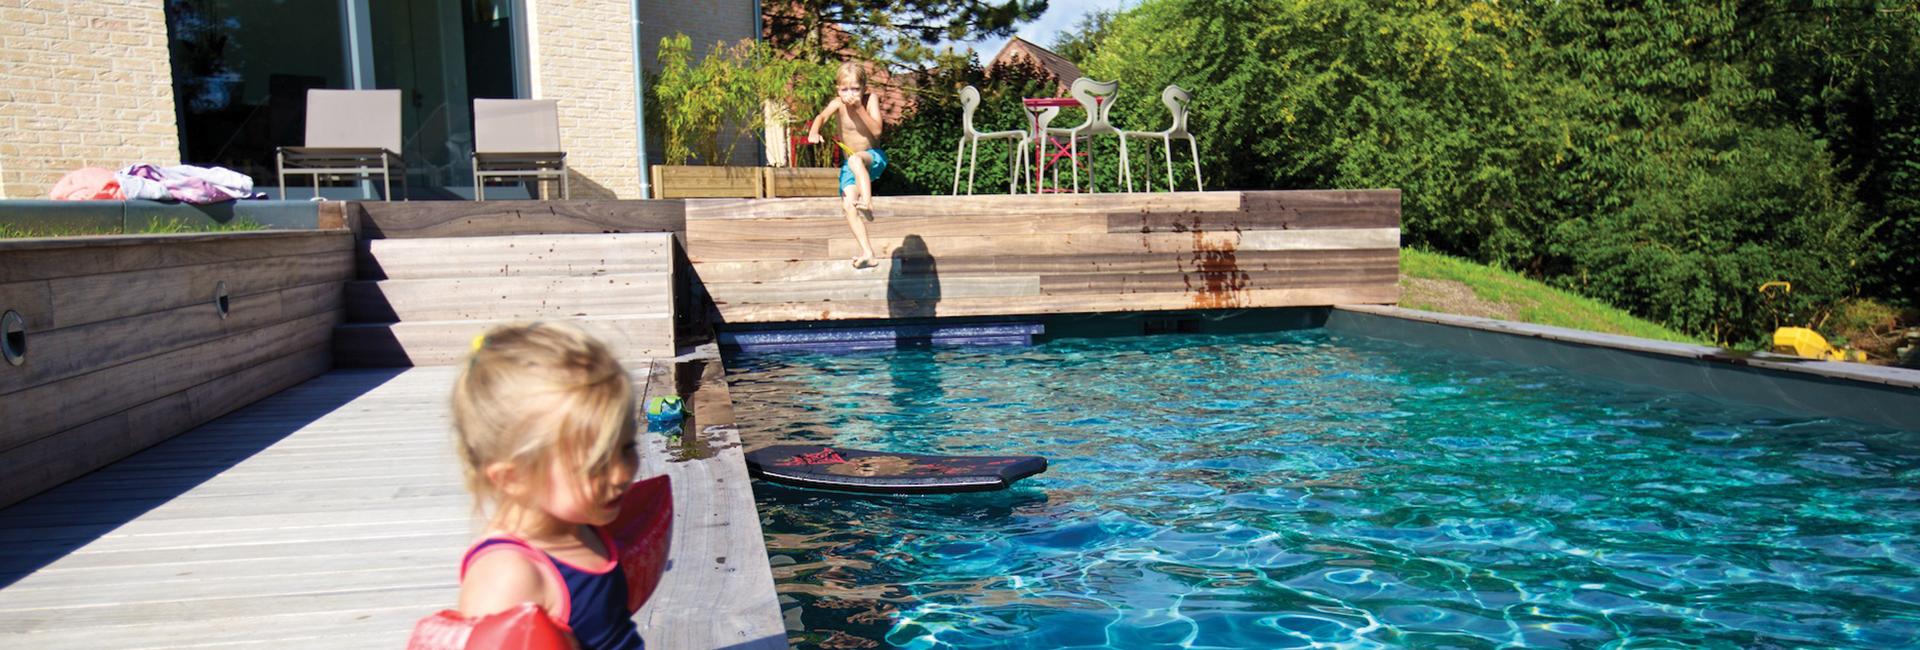 amenagement-piscine-terrasse